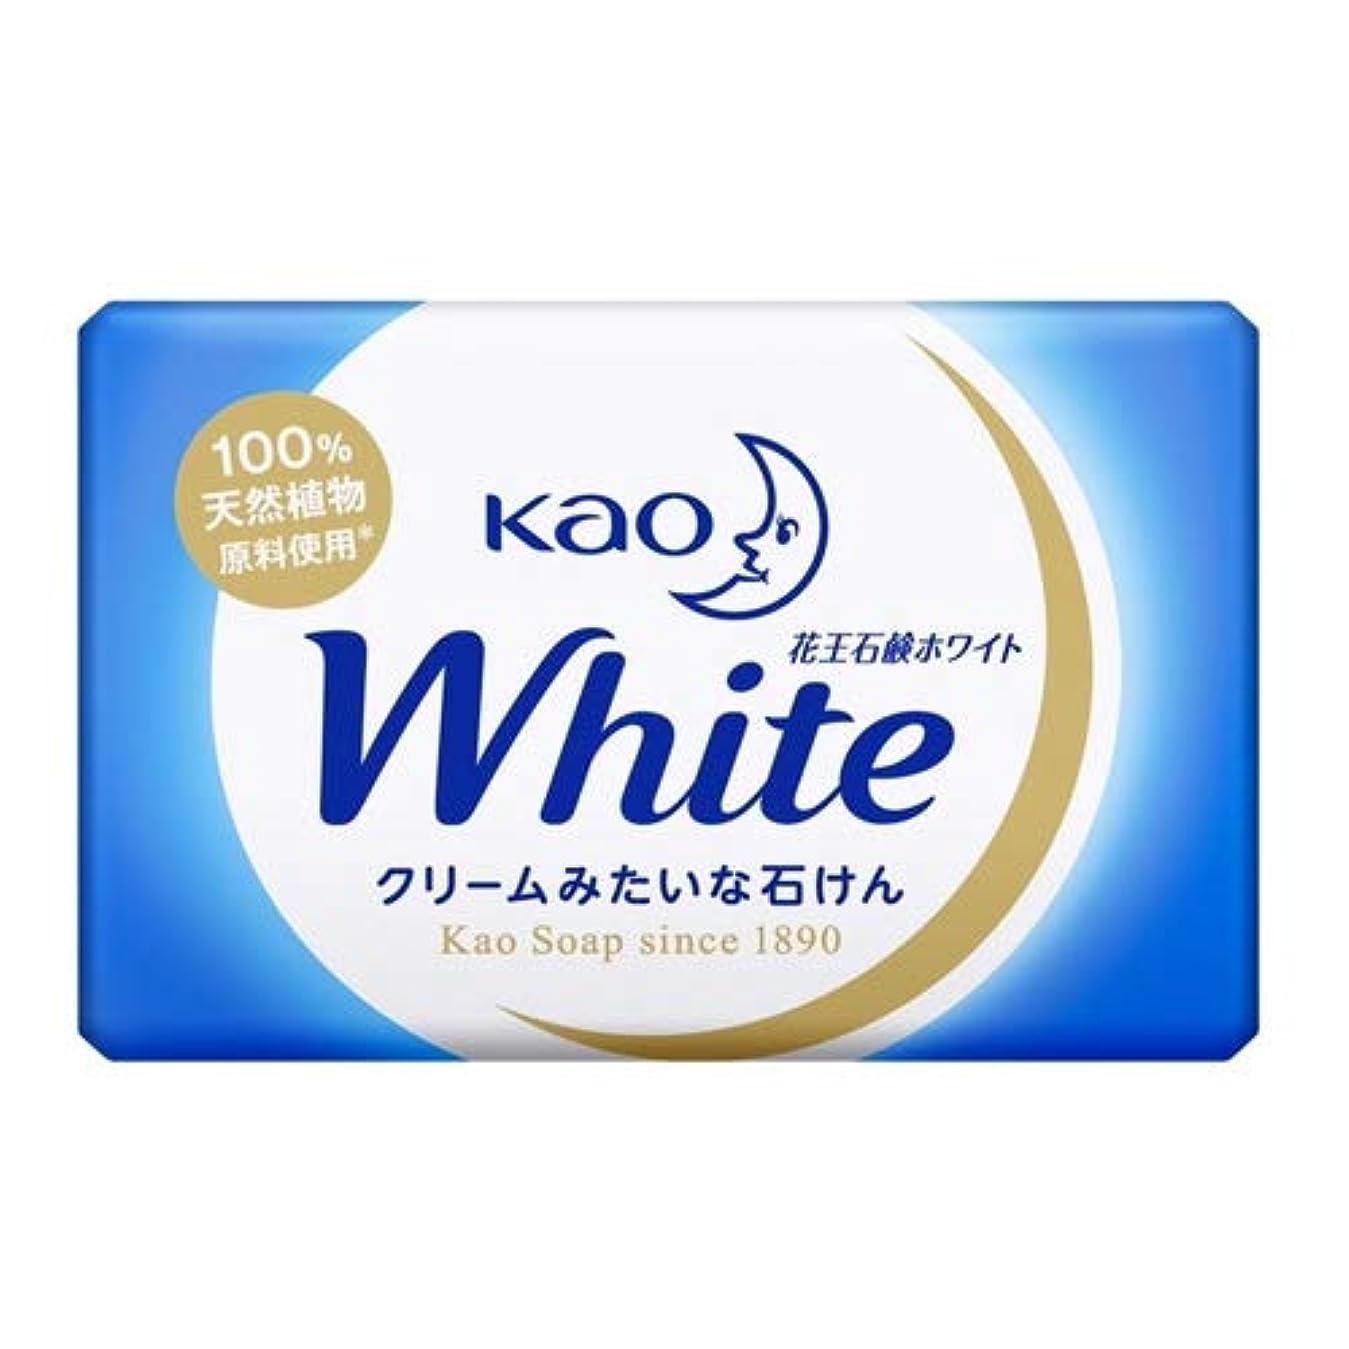 意外開始に対応する花王石鹸ホワイト 業務用ミニサイズ 15g × 10個セット